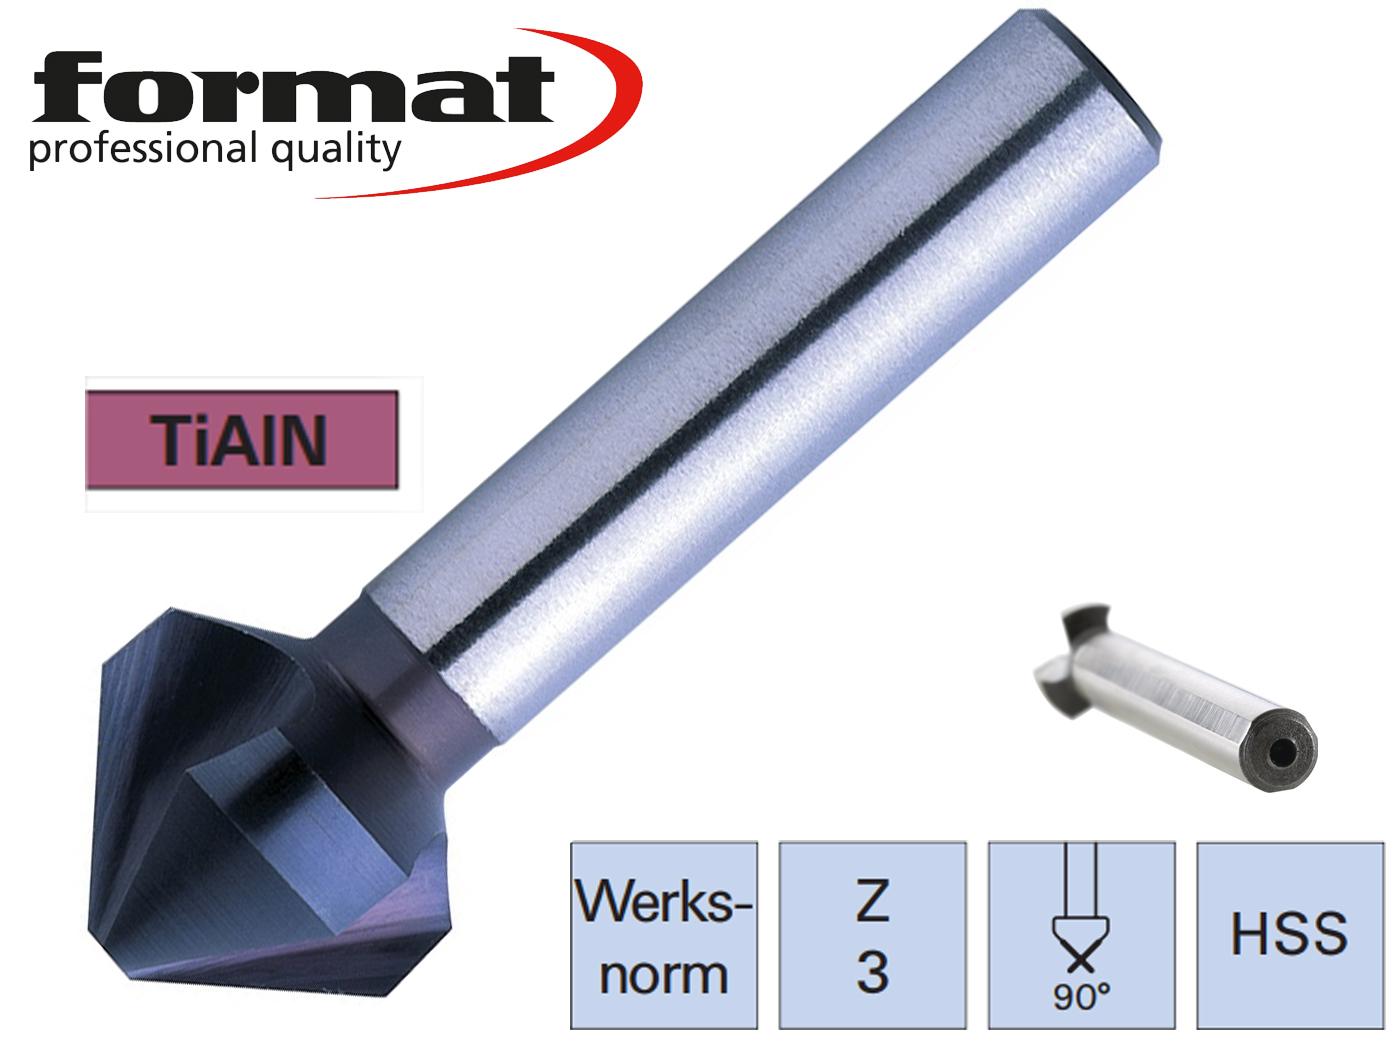 verzinkboor DIN 335C HSS TiALN ADVANCED Exact | DKMTools - DKM Tools